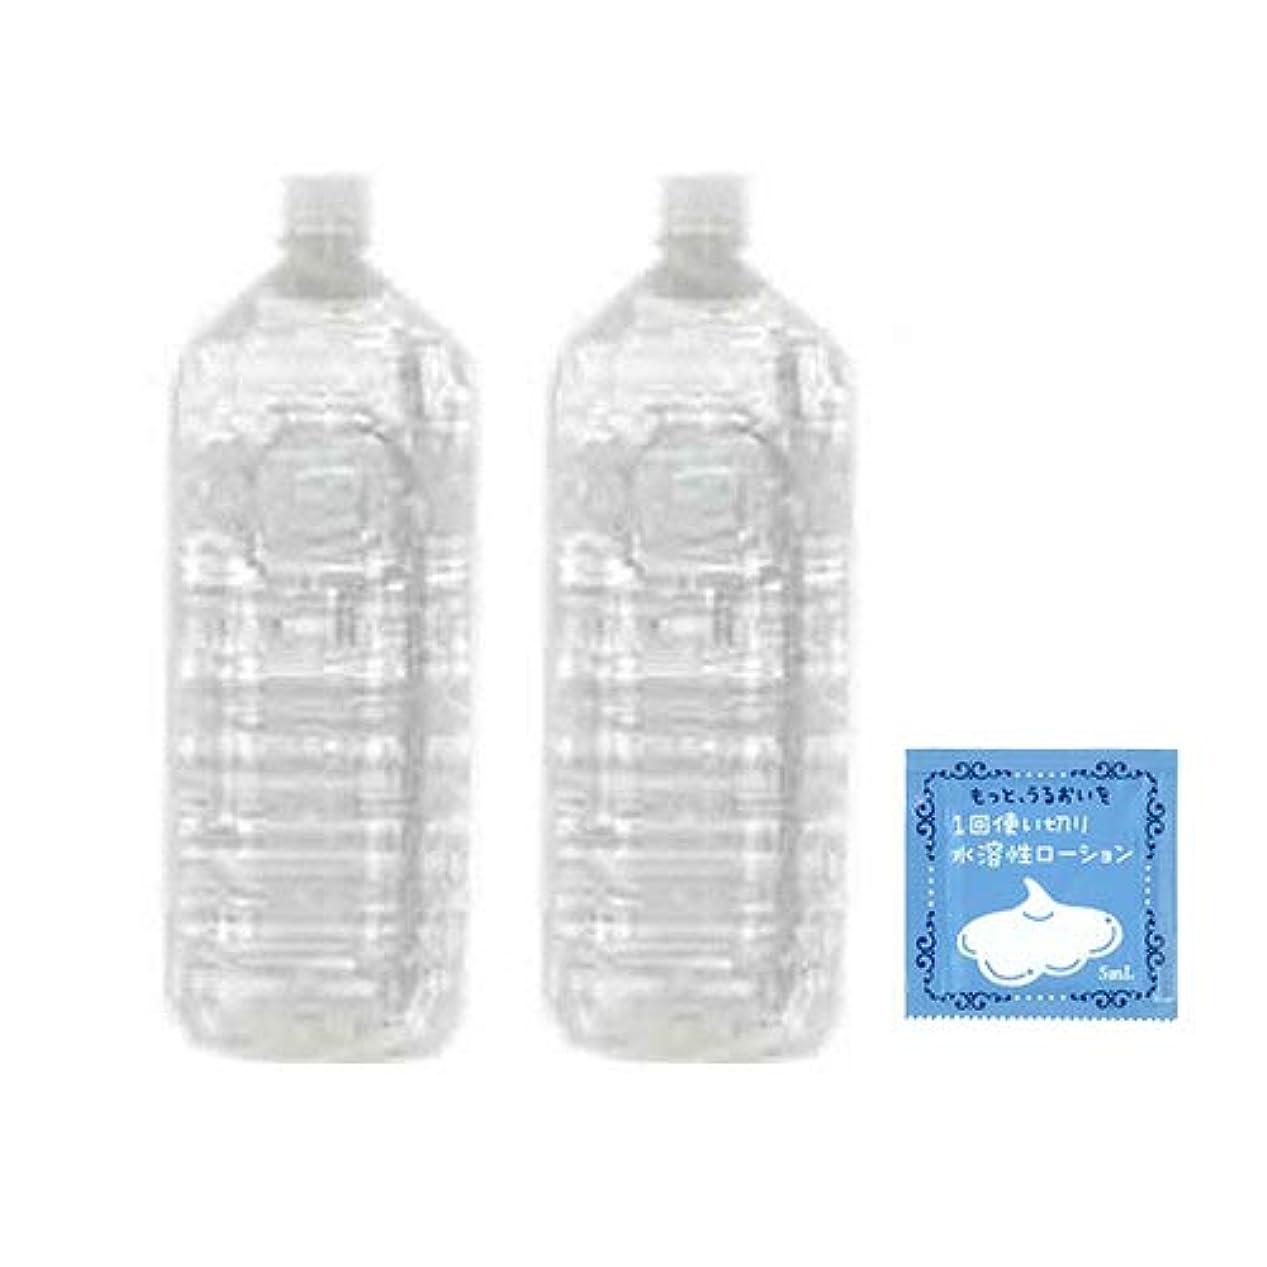 バランスのとれたオーナメント再集計クリアローション 2Lペットボトル ハードタイプ(5倍濃縮原液) × 2本セット + 1回使い切り水溶性潤滑ローション